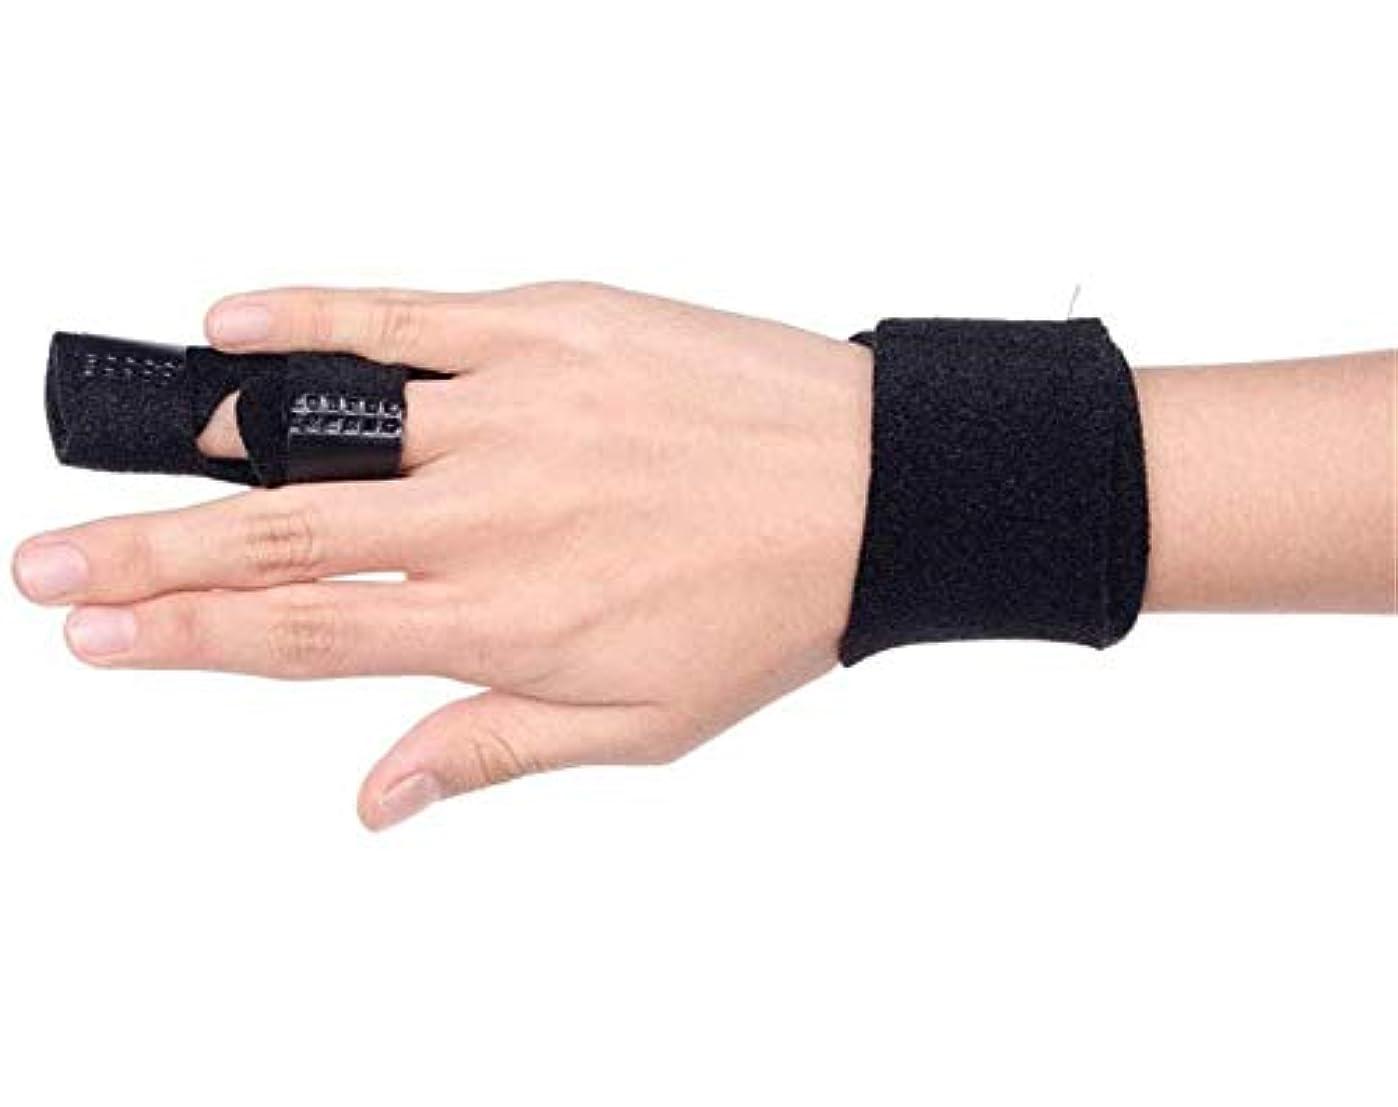 嫉妬スチュアート島無数のベルトリリースや痛みを軽減Fingerboardseparatorを修正アジャスタブル - 中指、薬指、人差し指ブレースのためのスプリント-Fingerインソールフィンガースプリントを指